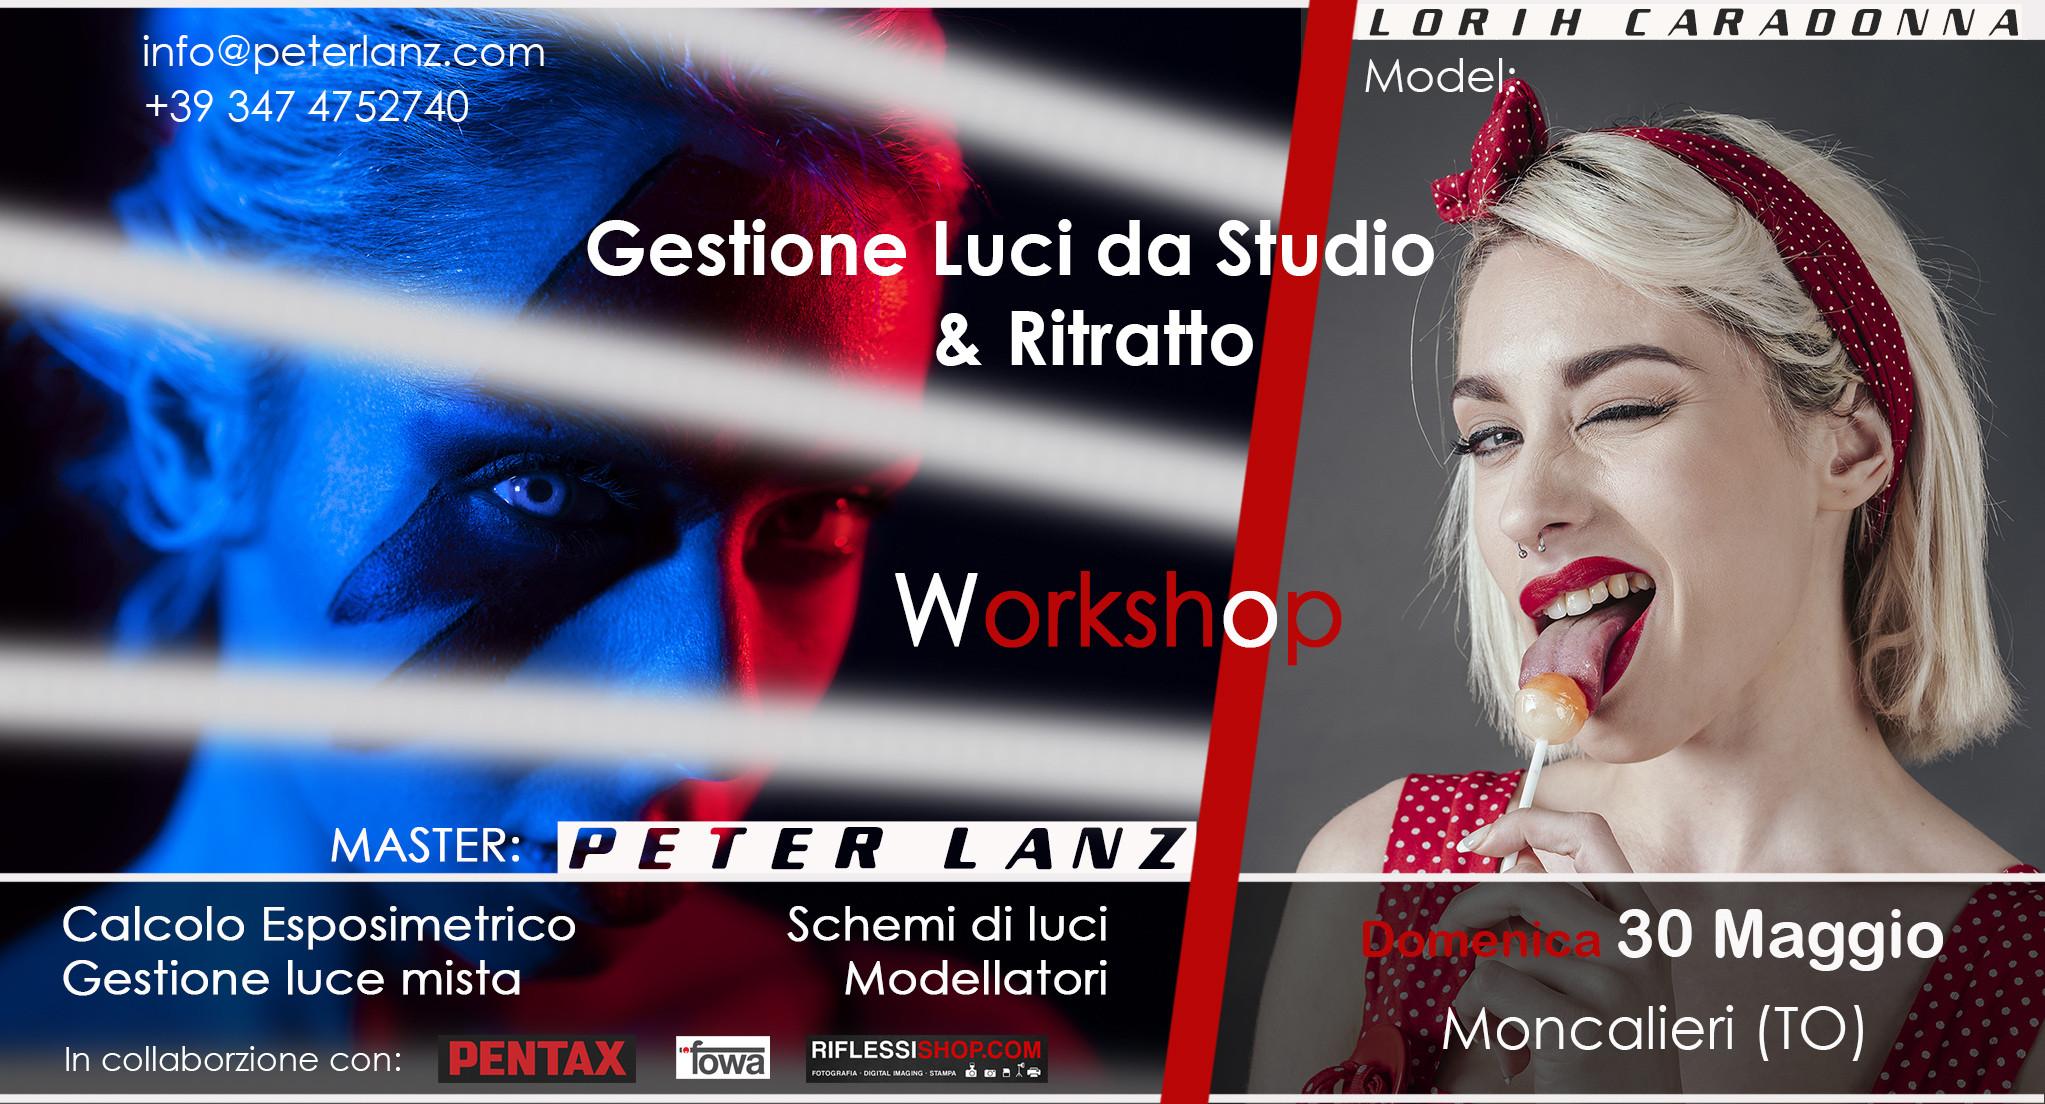 Workshop Luci da Studio & Ritratto